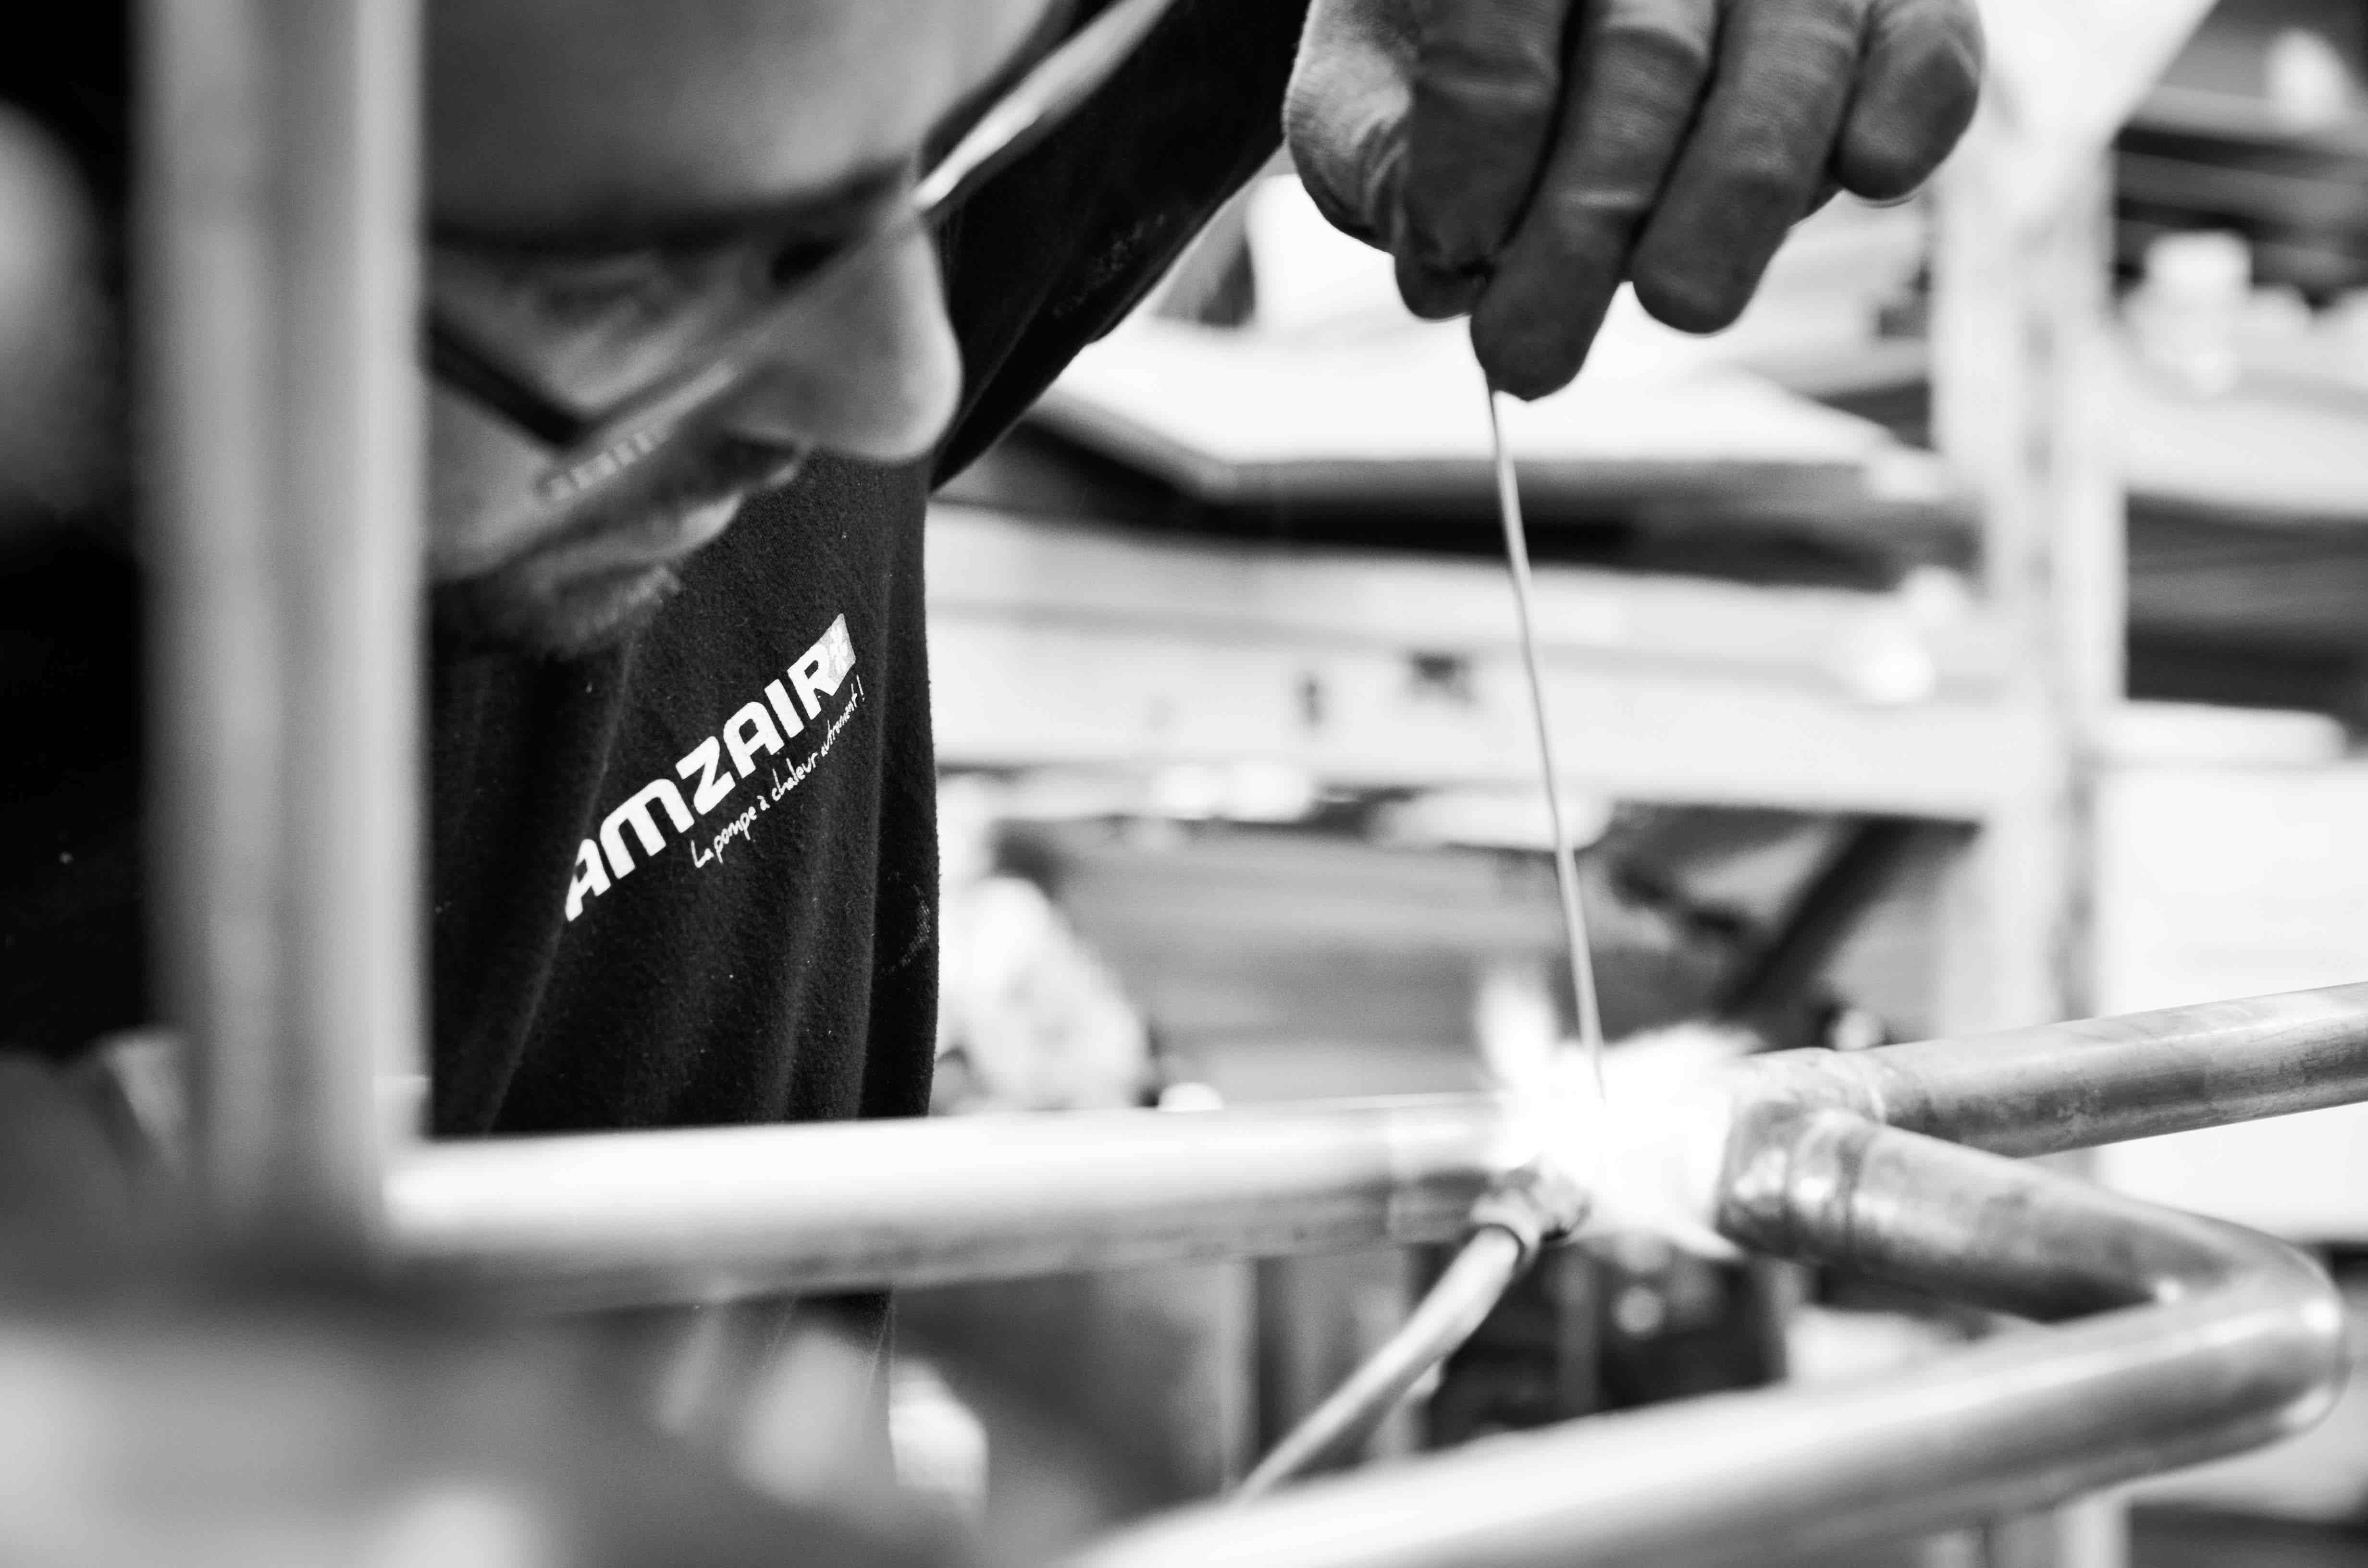 Le savoir faire d'AMZAIR Industrie, fabricant de pompes à chaleur 100% francaises